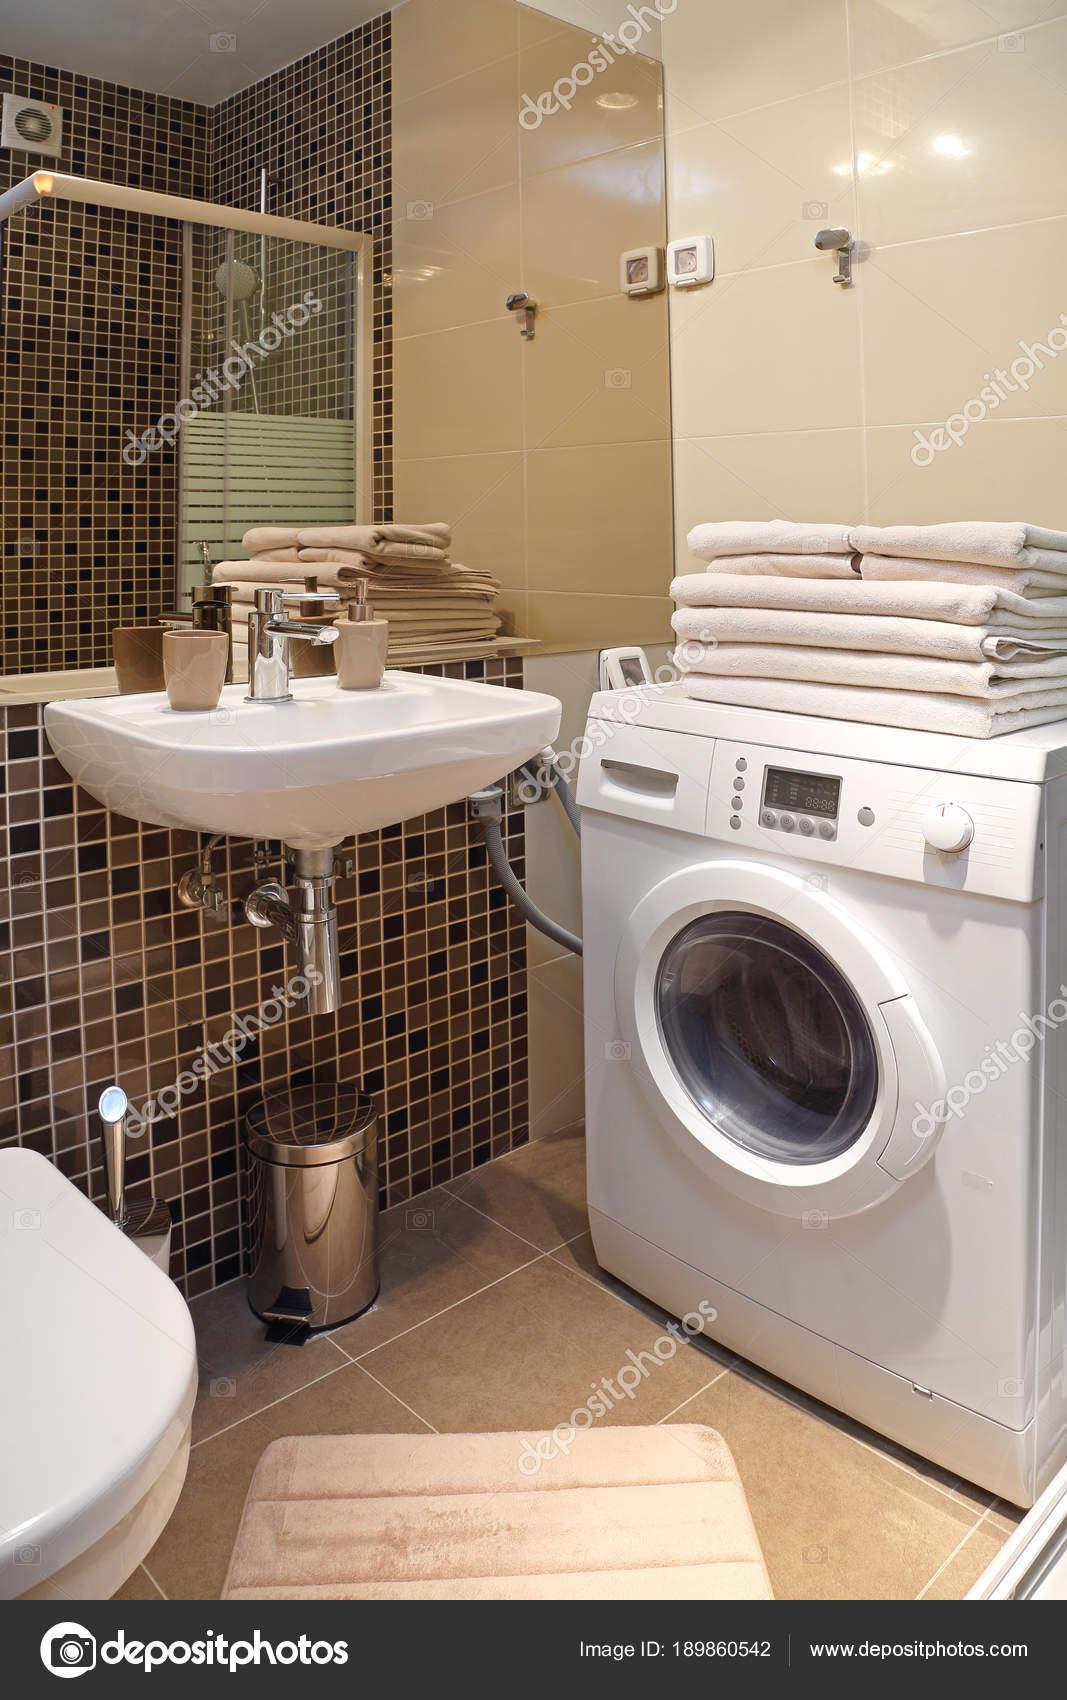 Petite Salle De Bain Avec Laveuse Secheuse ~ salle de bains moderne avec machine laver photographie baloncici